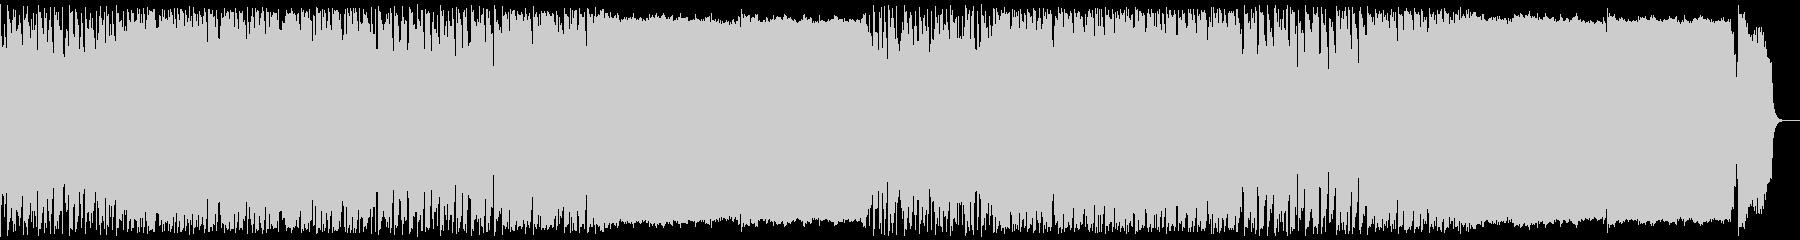 ダークファンタジー風デジタルオーケストラの未再生の波形